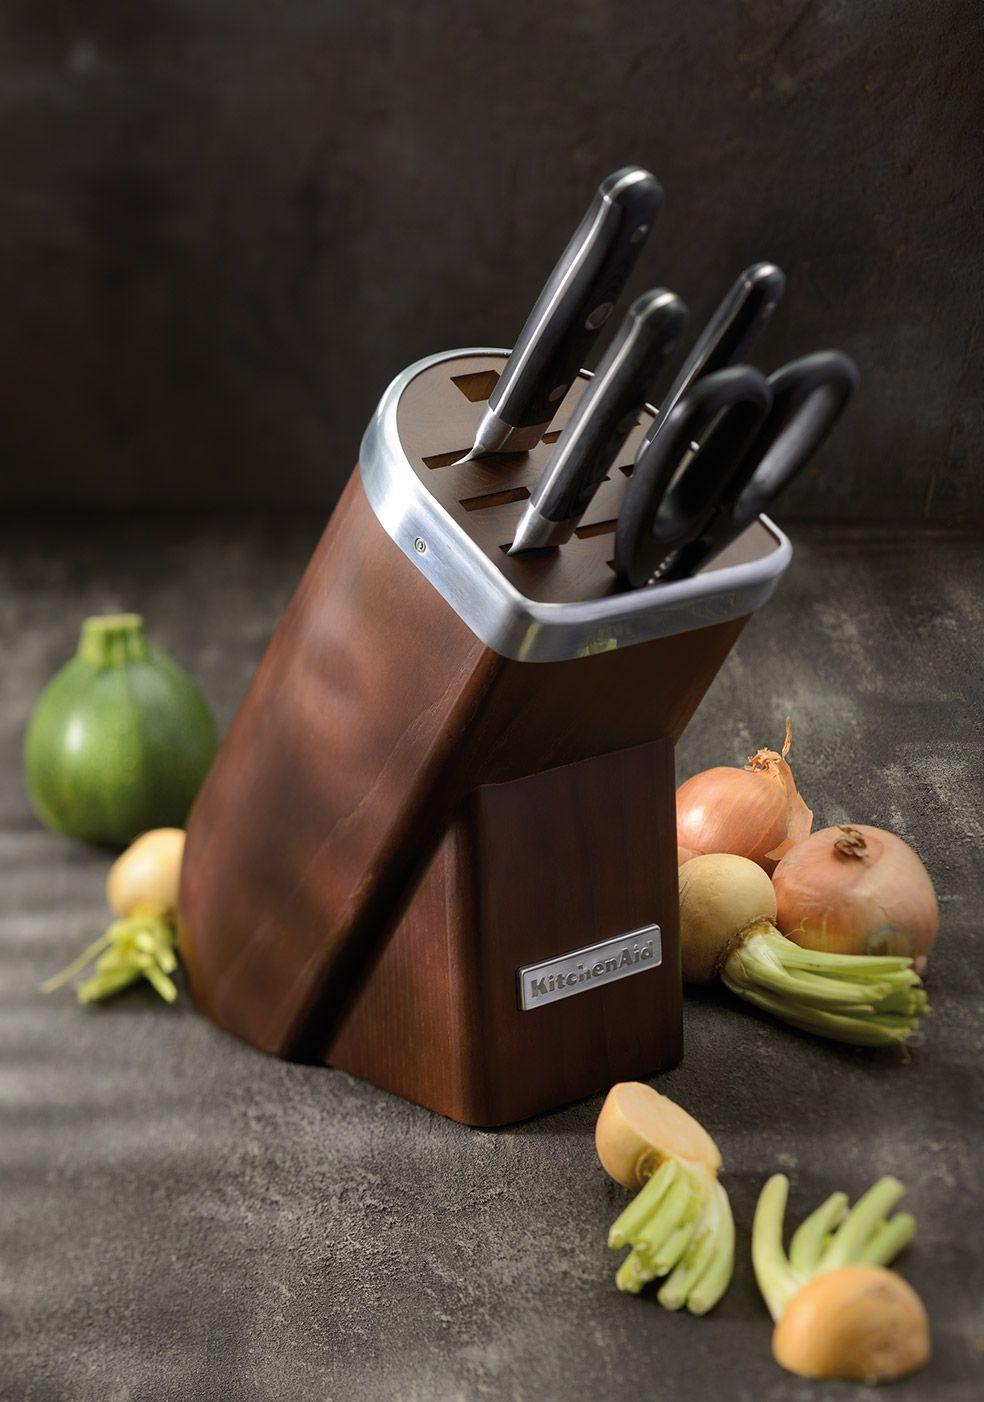 KitchenAid kitchenware Tools